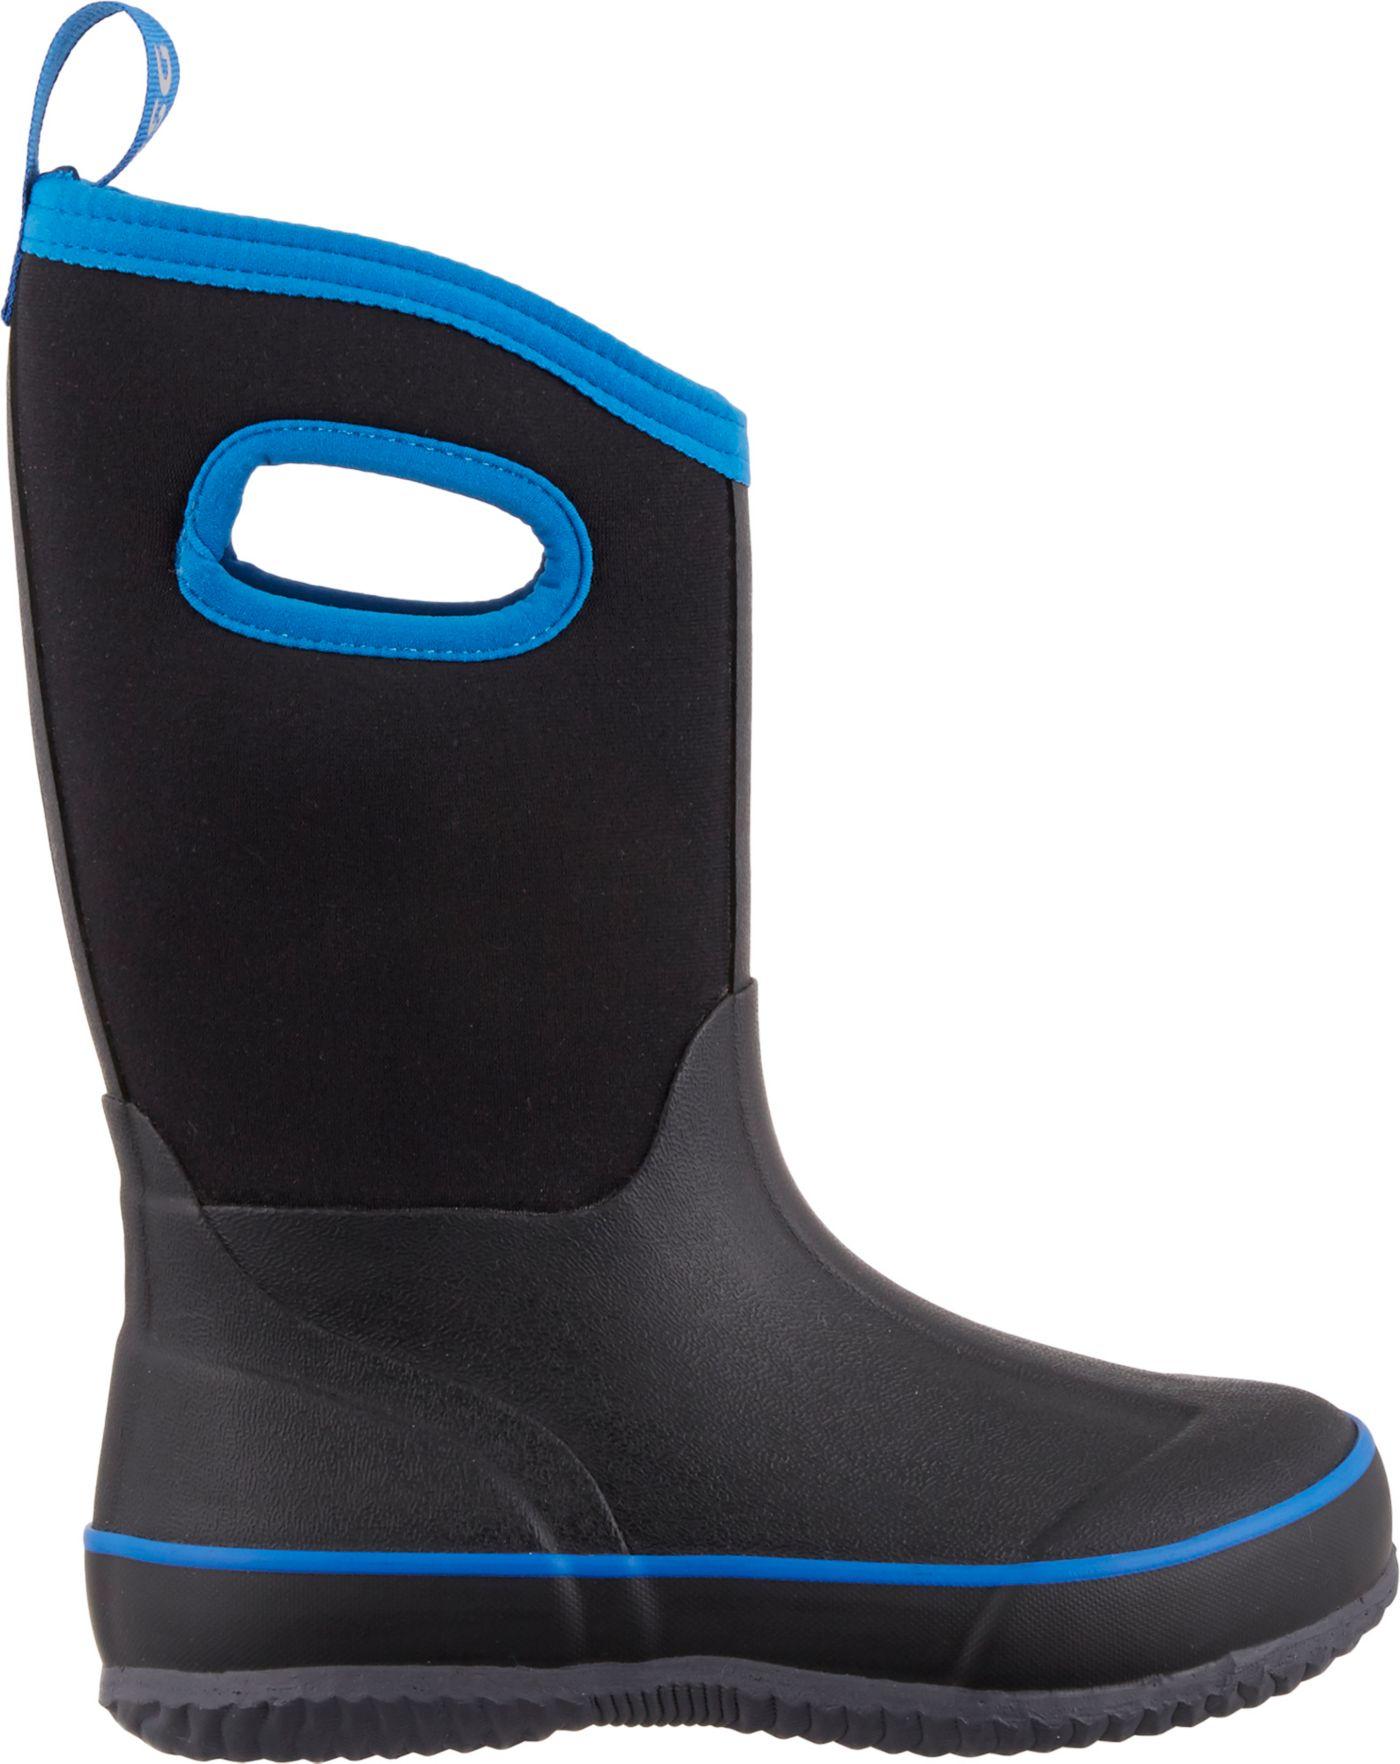 DSG Kids' Snowbound Winter Boots